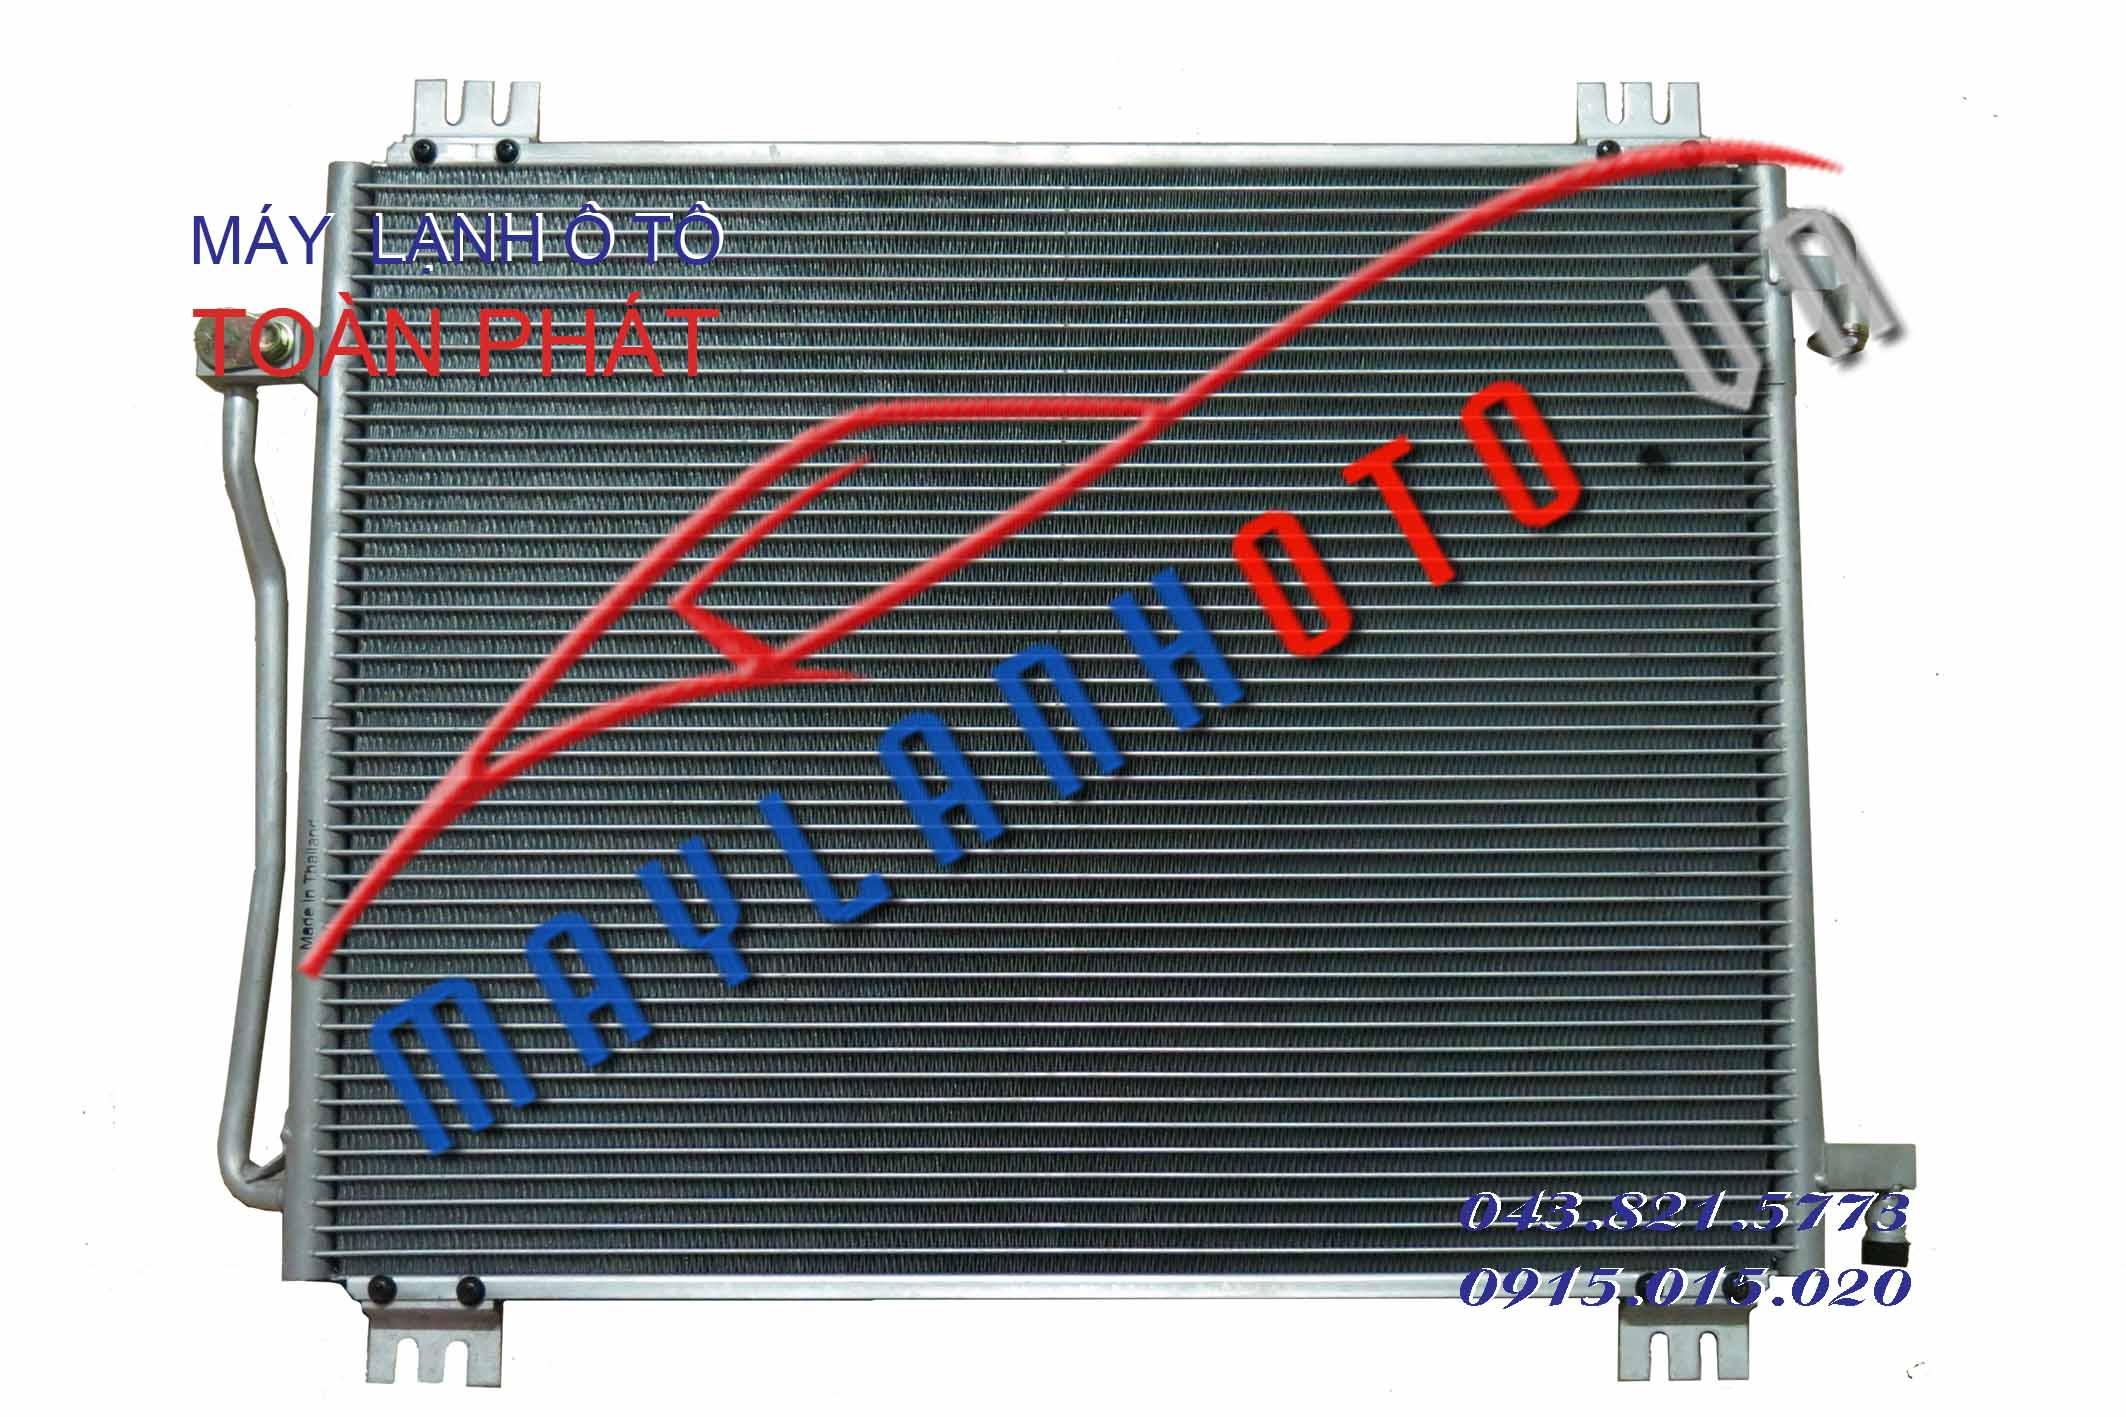 MB140 (dàn chính) / Giàn nóng điều hòa Mercedes MB140